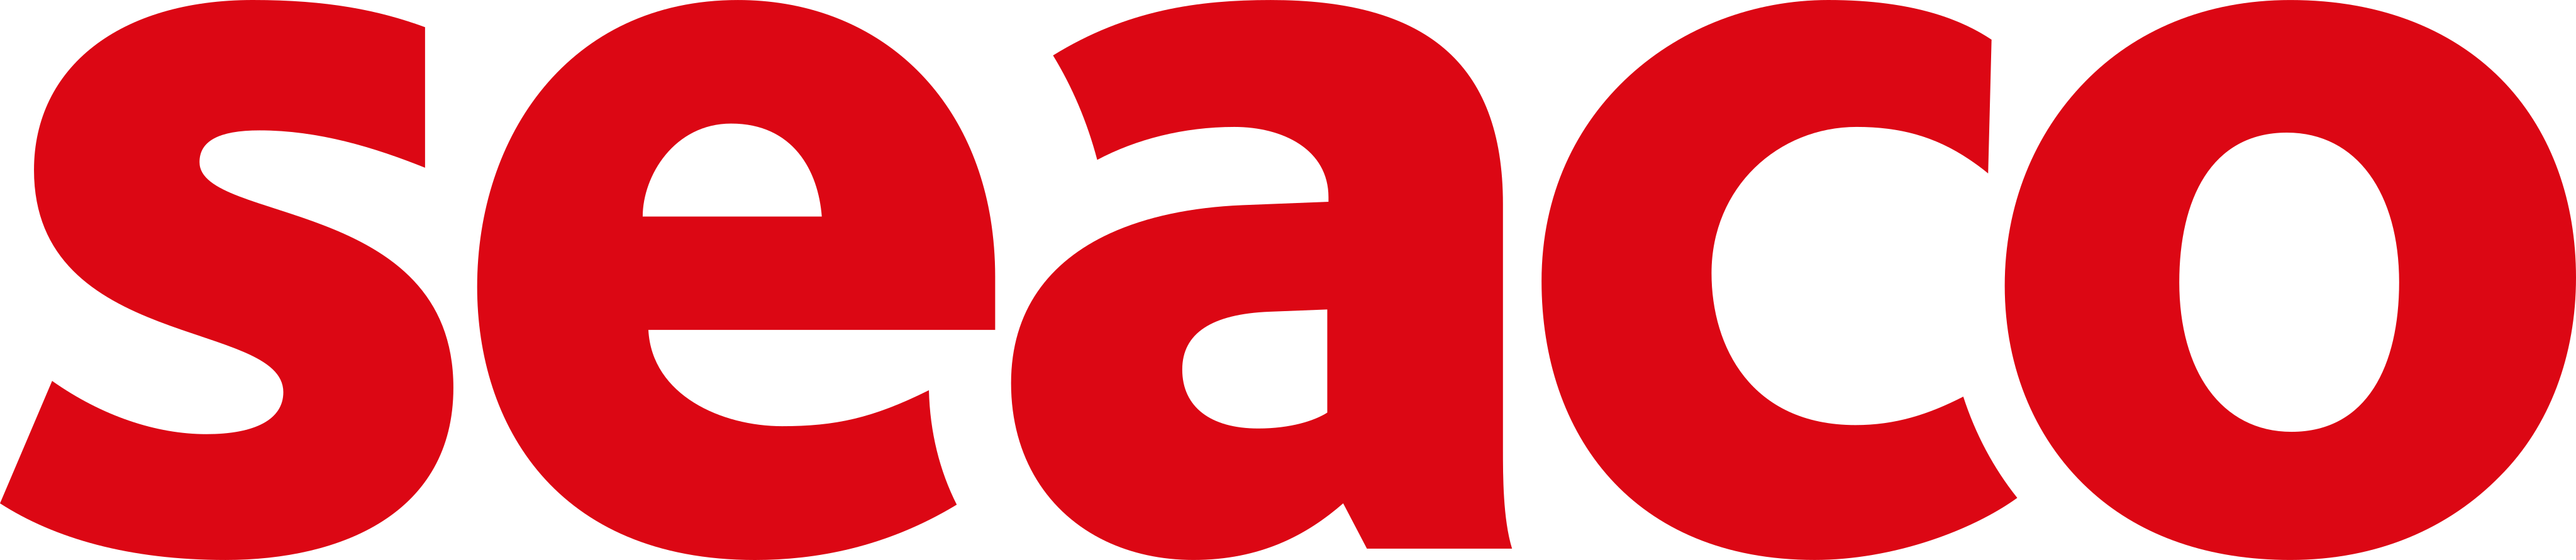 seaco logo - Seaco Logo